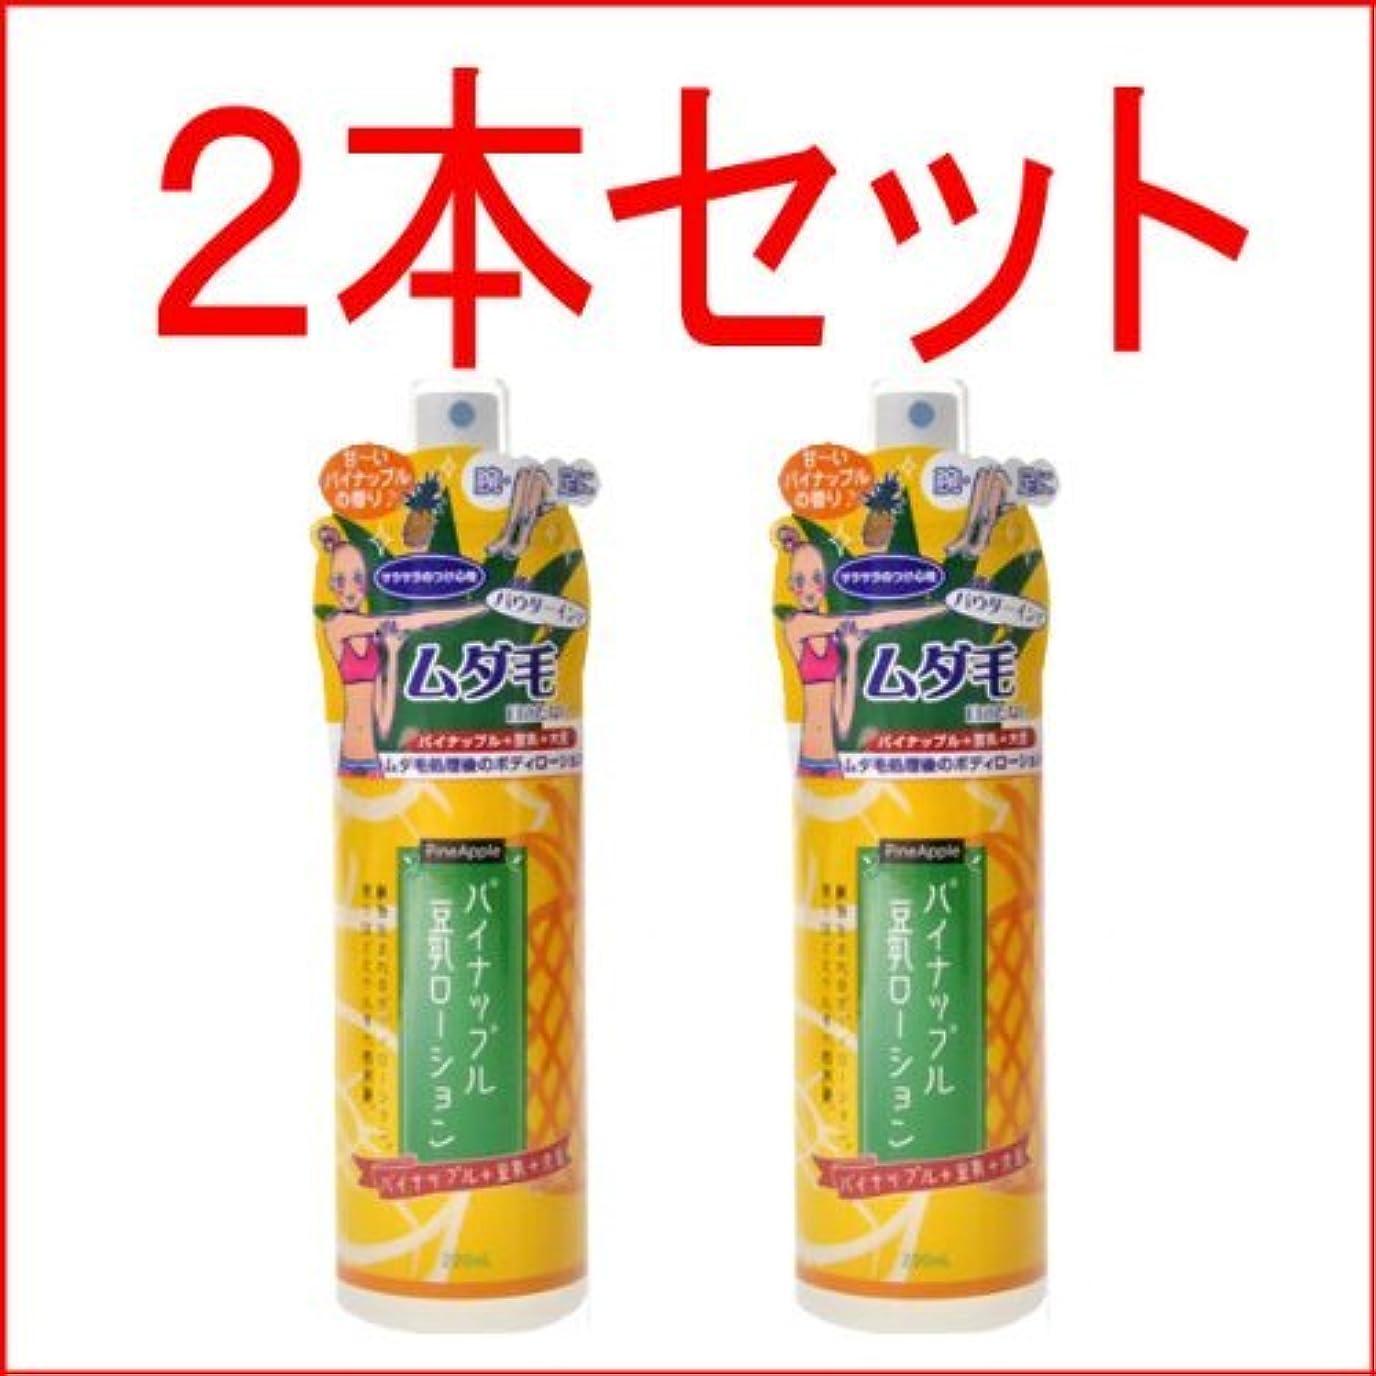 マーキング減少これらパイナップル豆乳ローション2本セット【ムダ毛処理後専用ボディーローション】